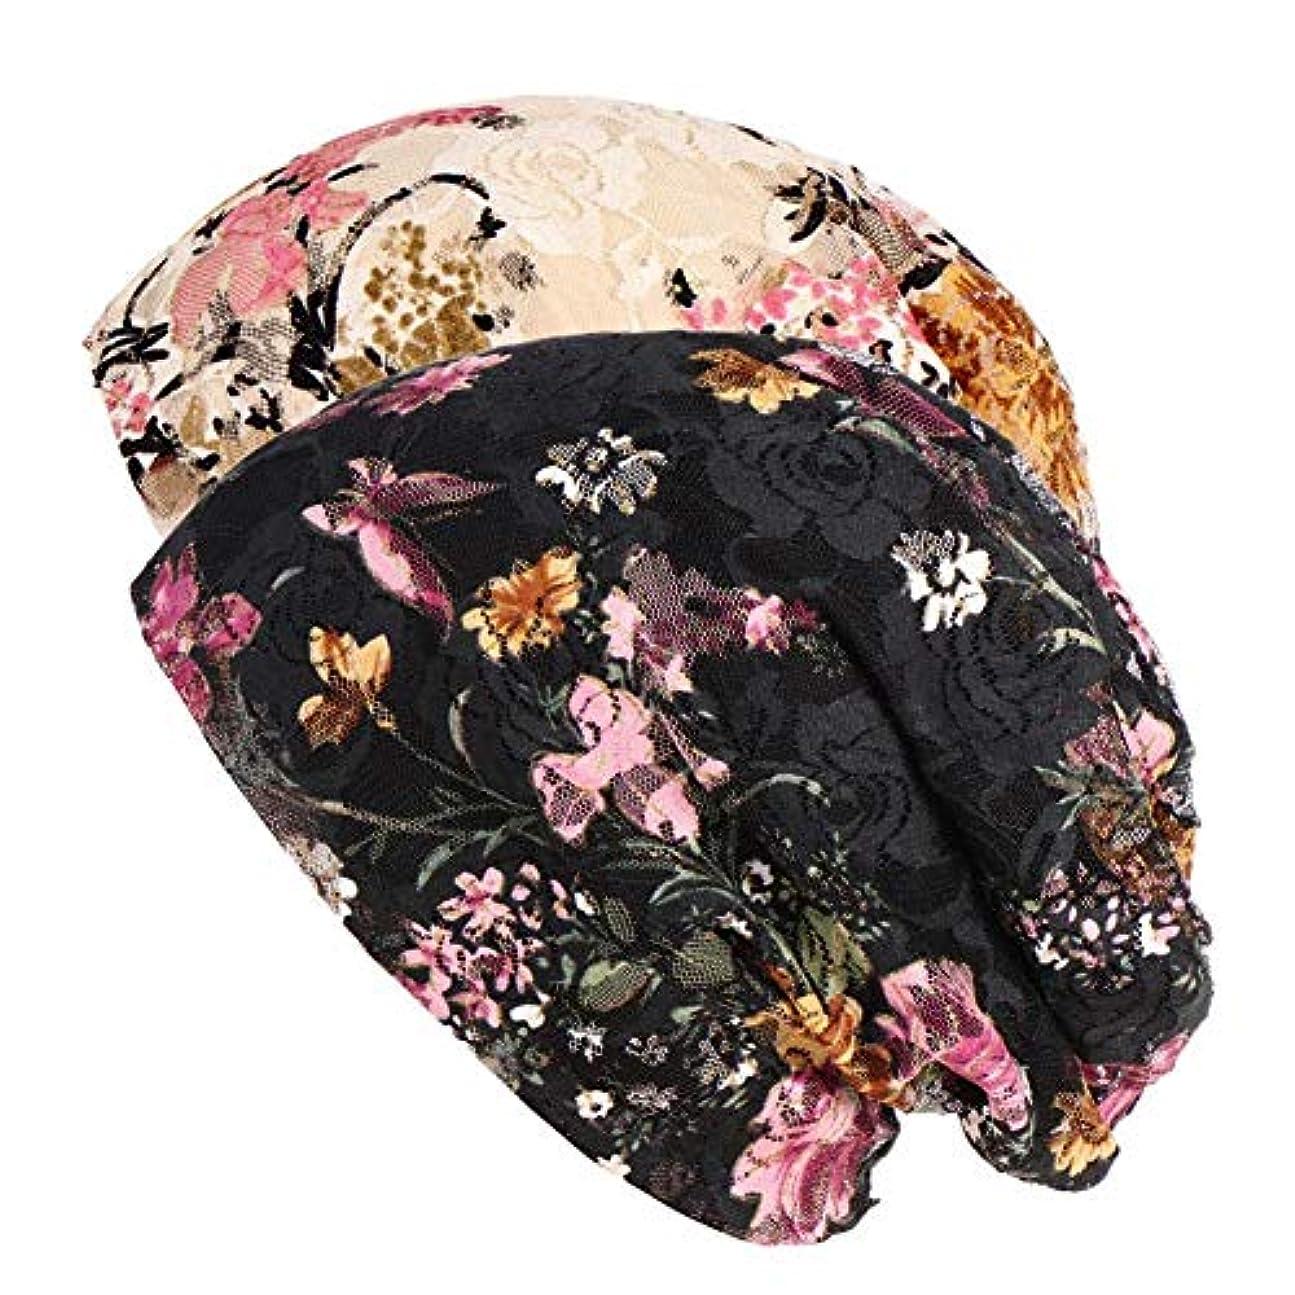 野な記念品ボードヘッドスカーフ レディース ビーニーハット レディース 柔らかい 多用途 頭飾り 軽量 通気性 眠り、化学療法 、 キャンサーと脱毛症